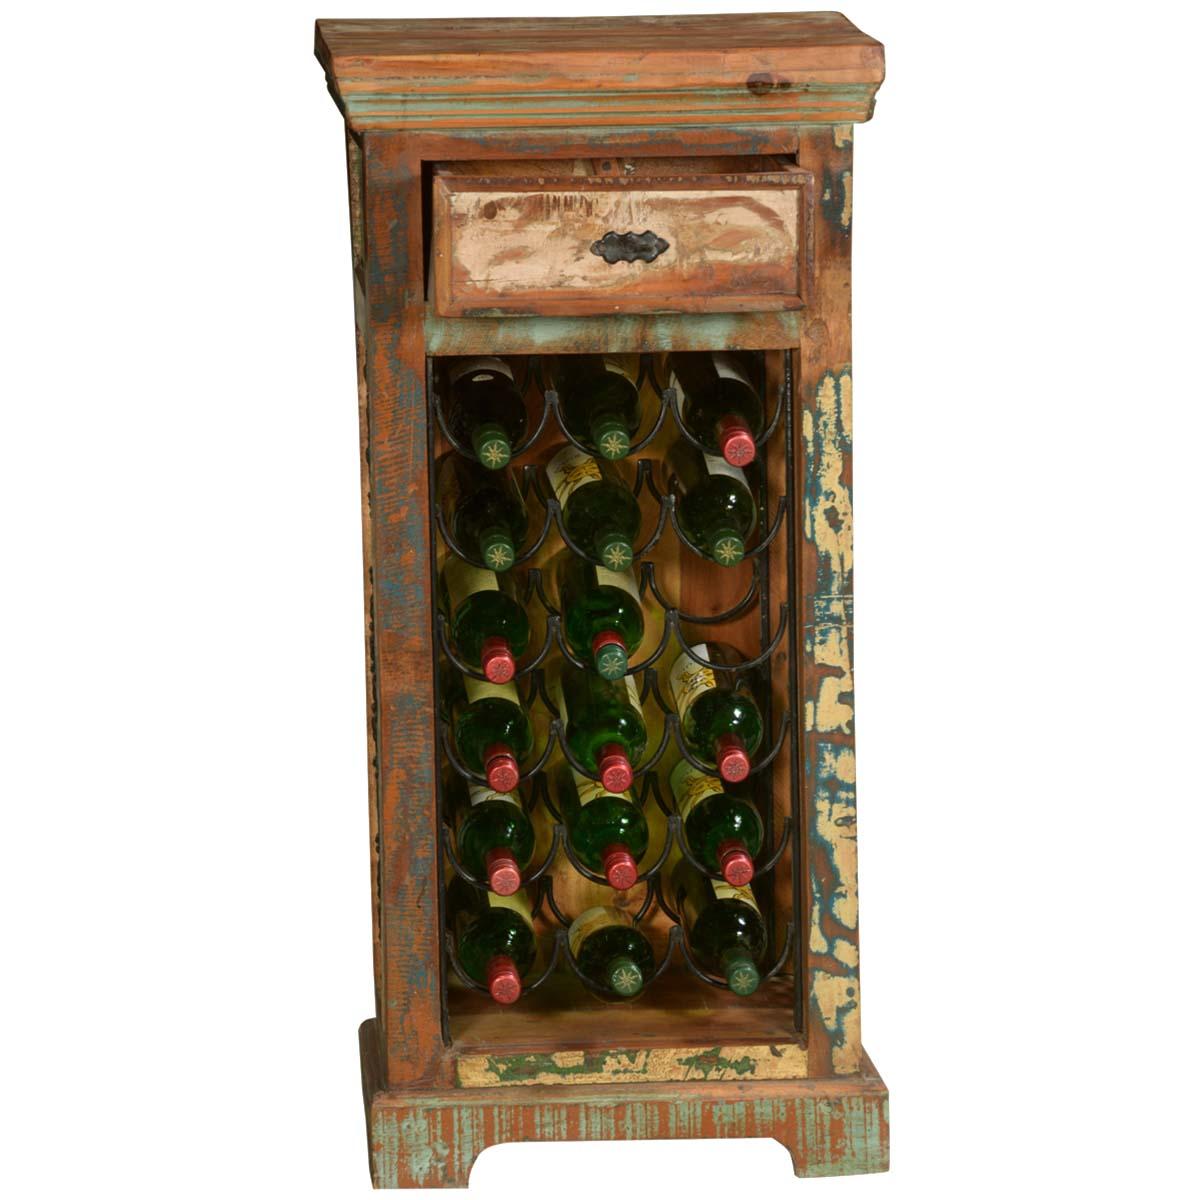 pioneer rustic reclaimed wood iron wine rack end table